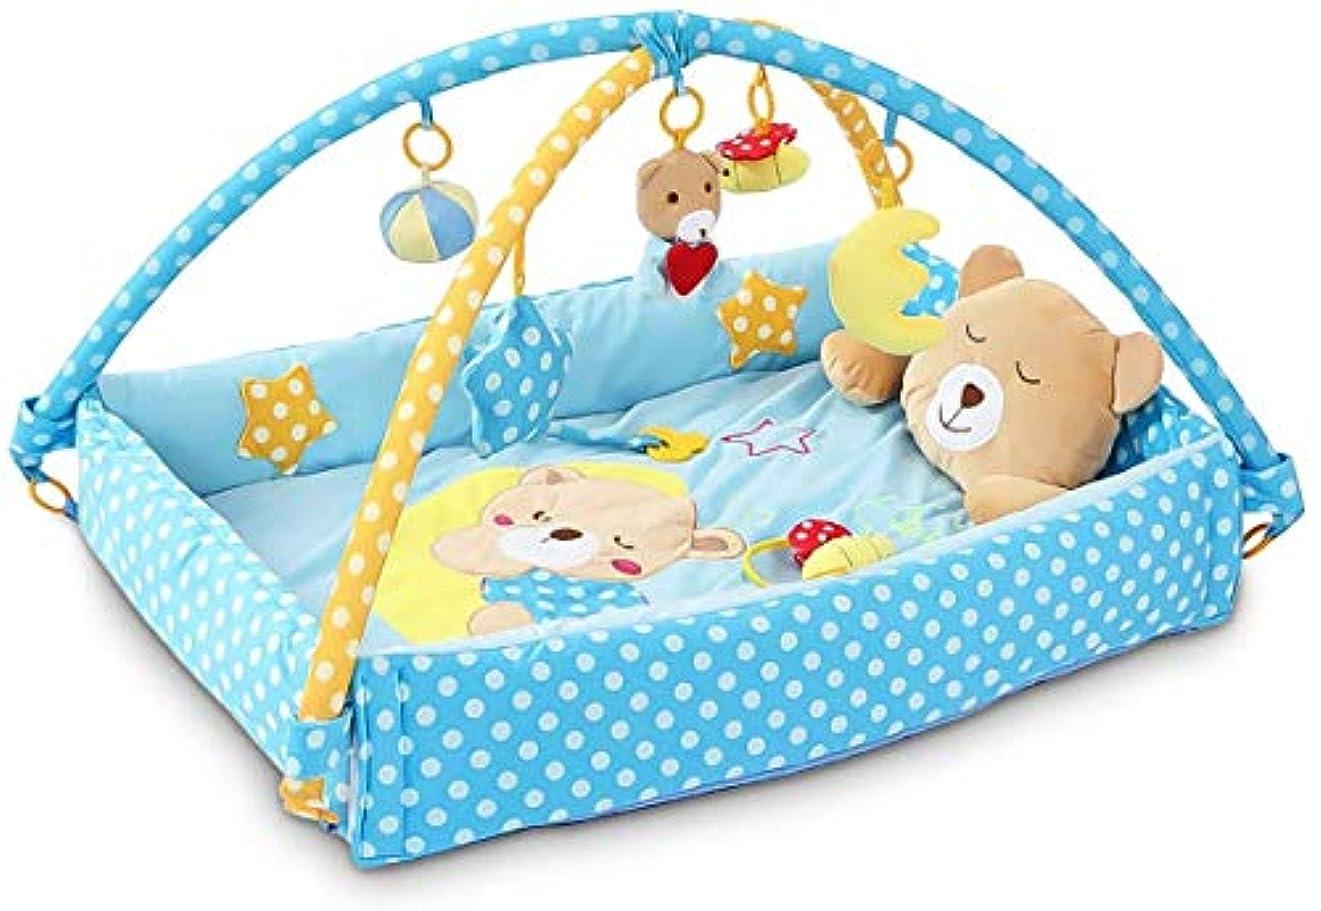 相反するふける入射ベッドメリー モビールQunqeneかわいいベアプレイマット&アクティビティジム、アクティビティおもちゃ、ベア枕、小さなベッド、カラフル&インタラクティブ、理想的なギフト(ブルー)